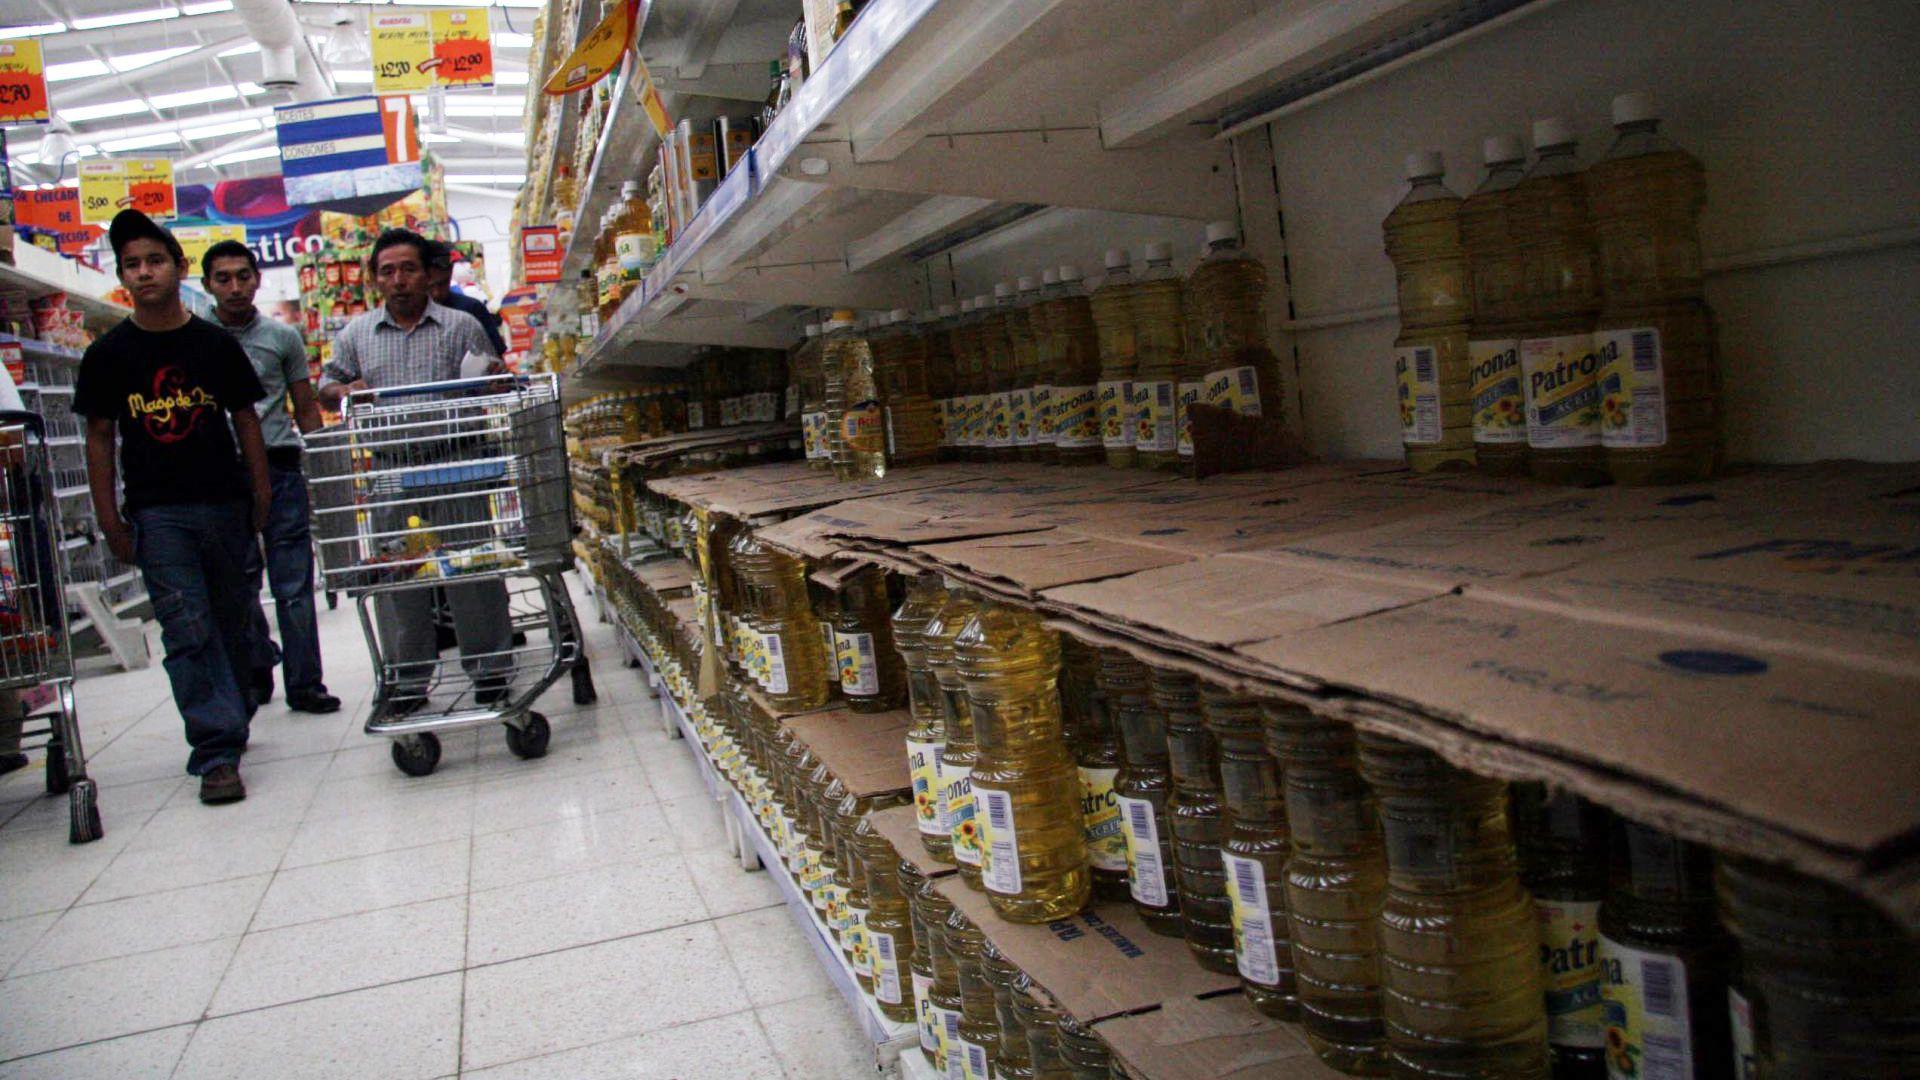 Muchos consumidores optaron por stockearse en las últimas semanas por temor al desabastecimiento